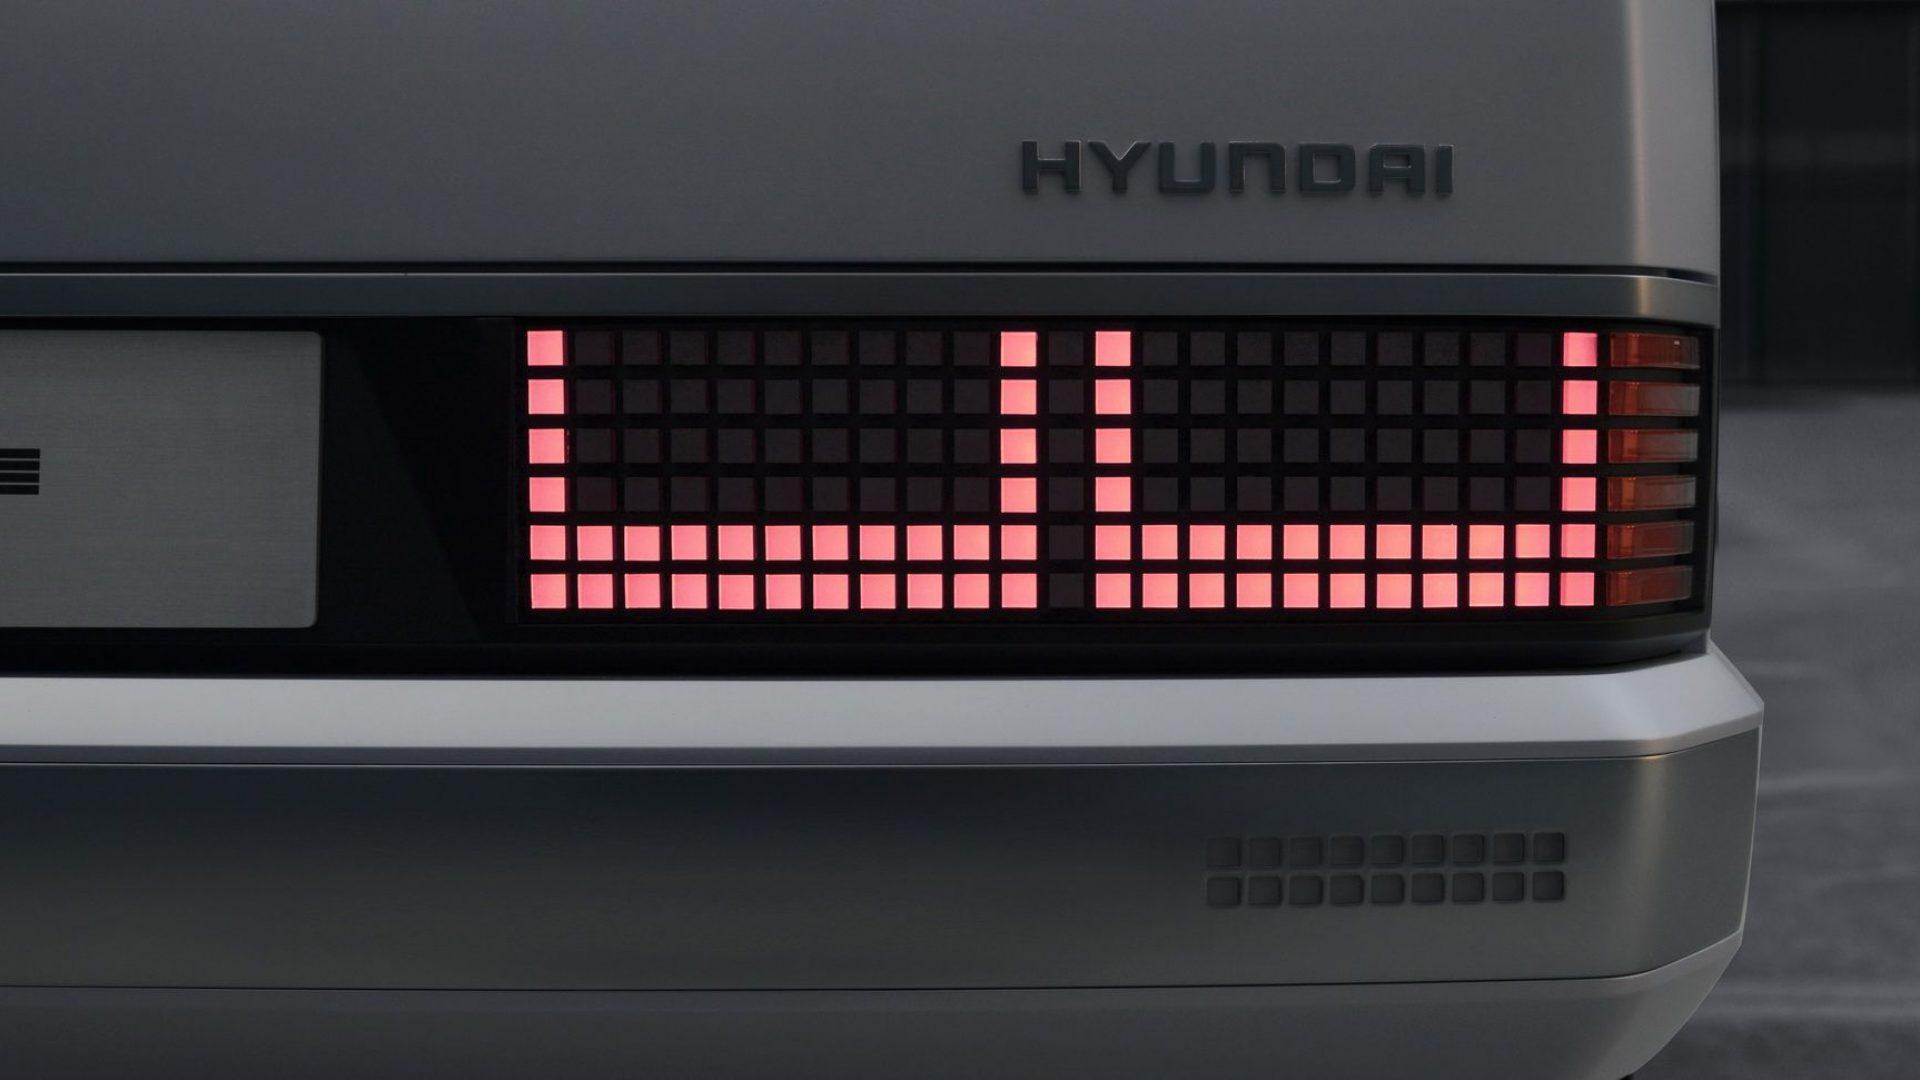 2021-Hyundai-Pony-EV-Show-Car-10